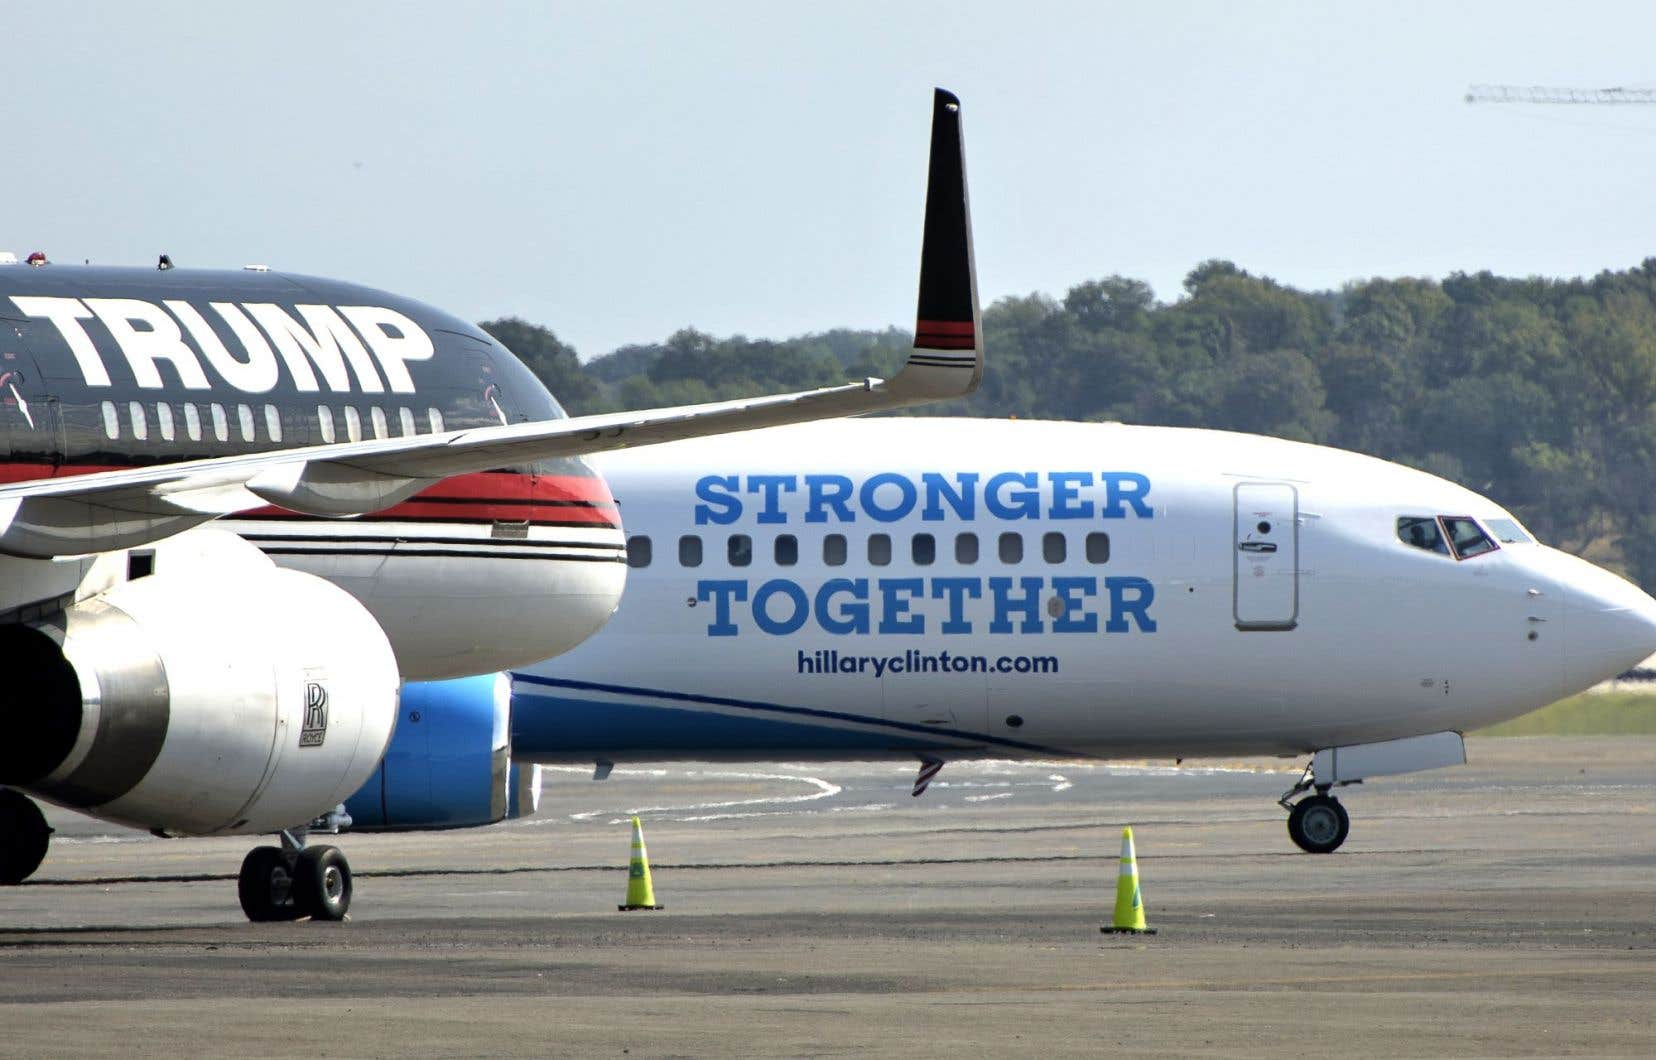 Les avions nolisés des candidats des deux principaux partis américains se sont croisés sur le tarmac de l'aéroport Ronald Reagan de Washington D.C., le 16 septembre dernier.